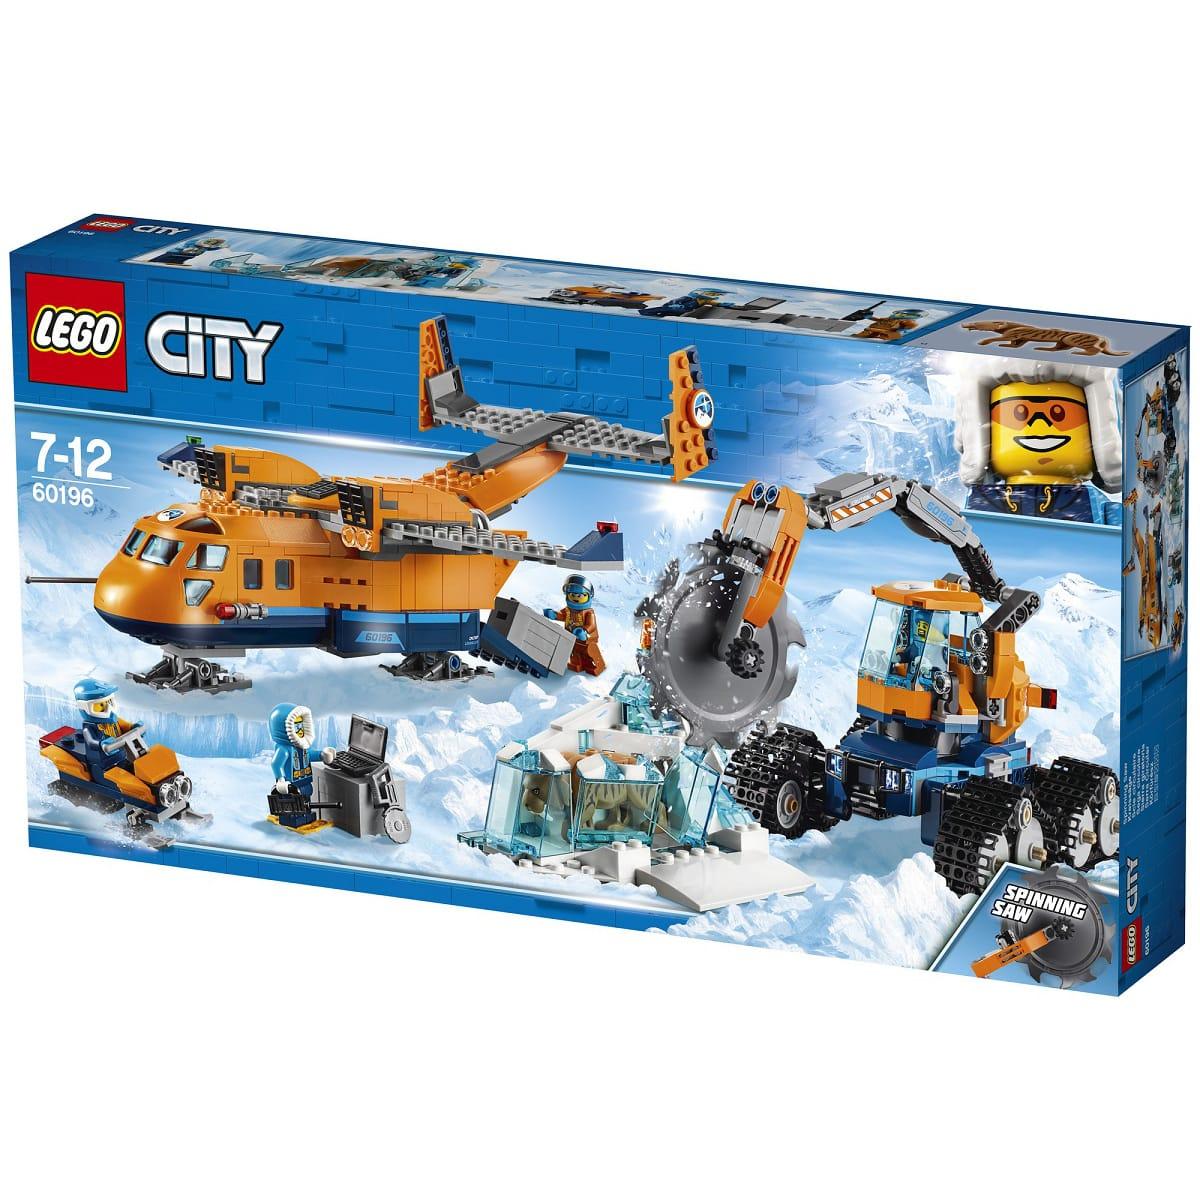 Jeu de Construction Lego City 60196 - L'avion de ravitaillement arctique (Via 37,50€ sur la Carte de Fidelité)